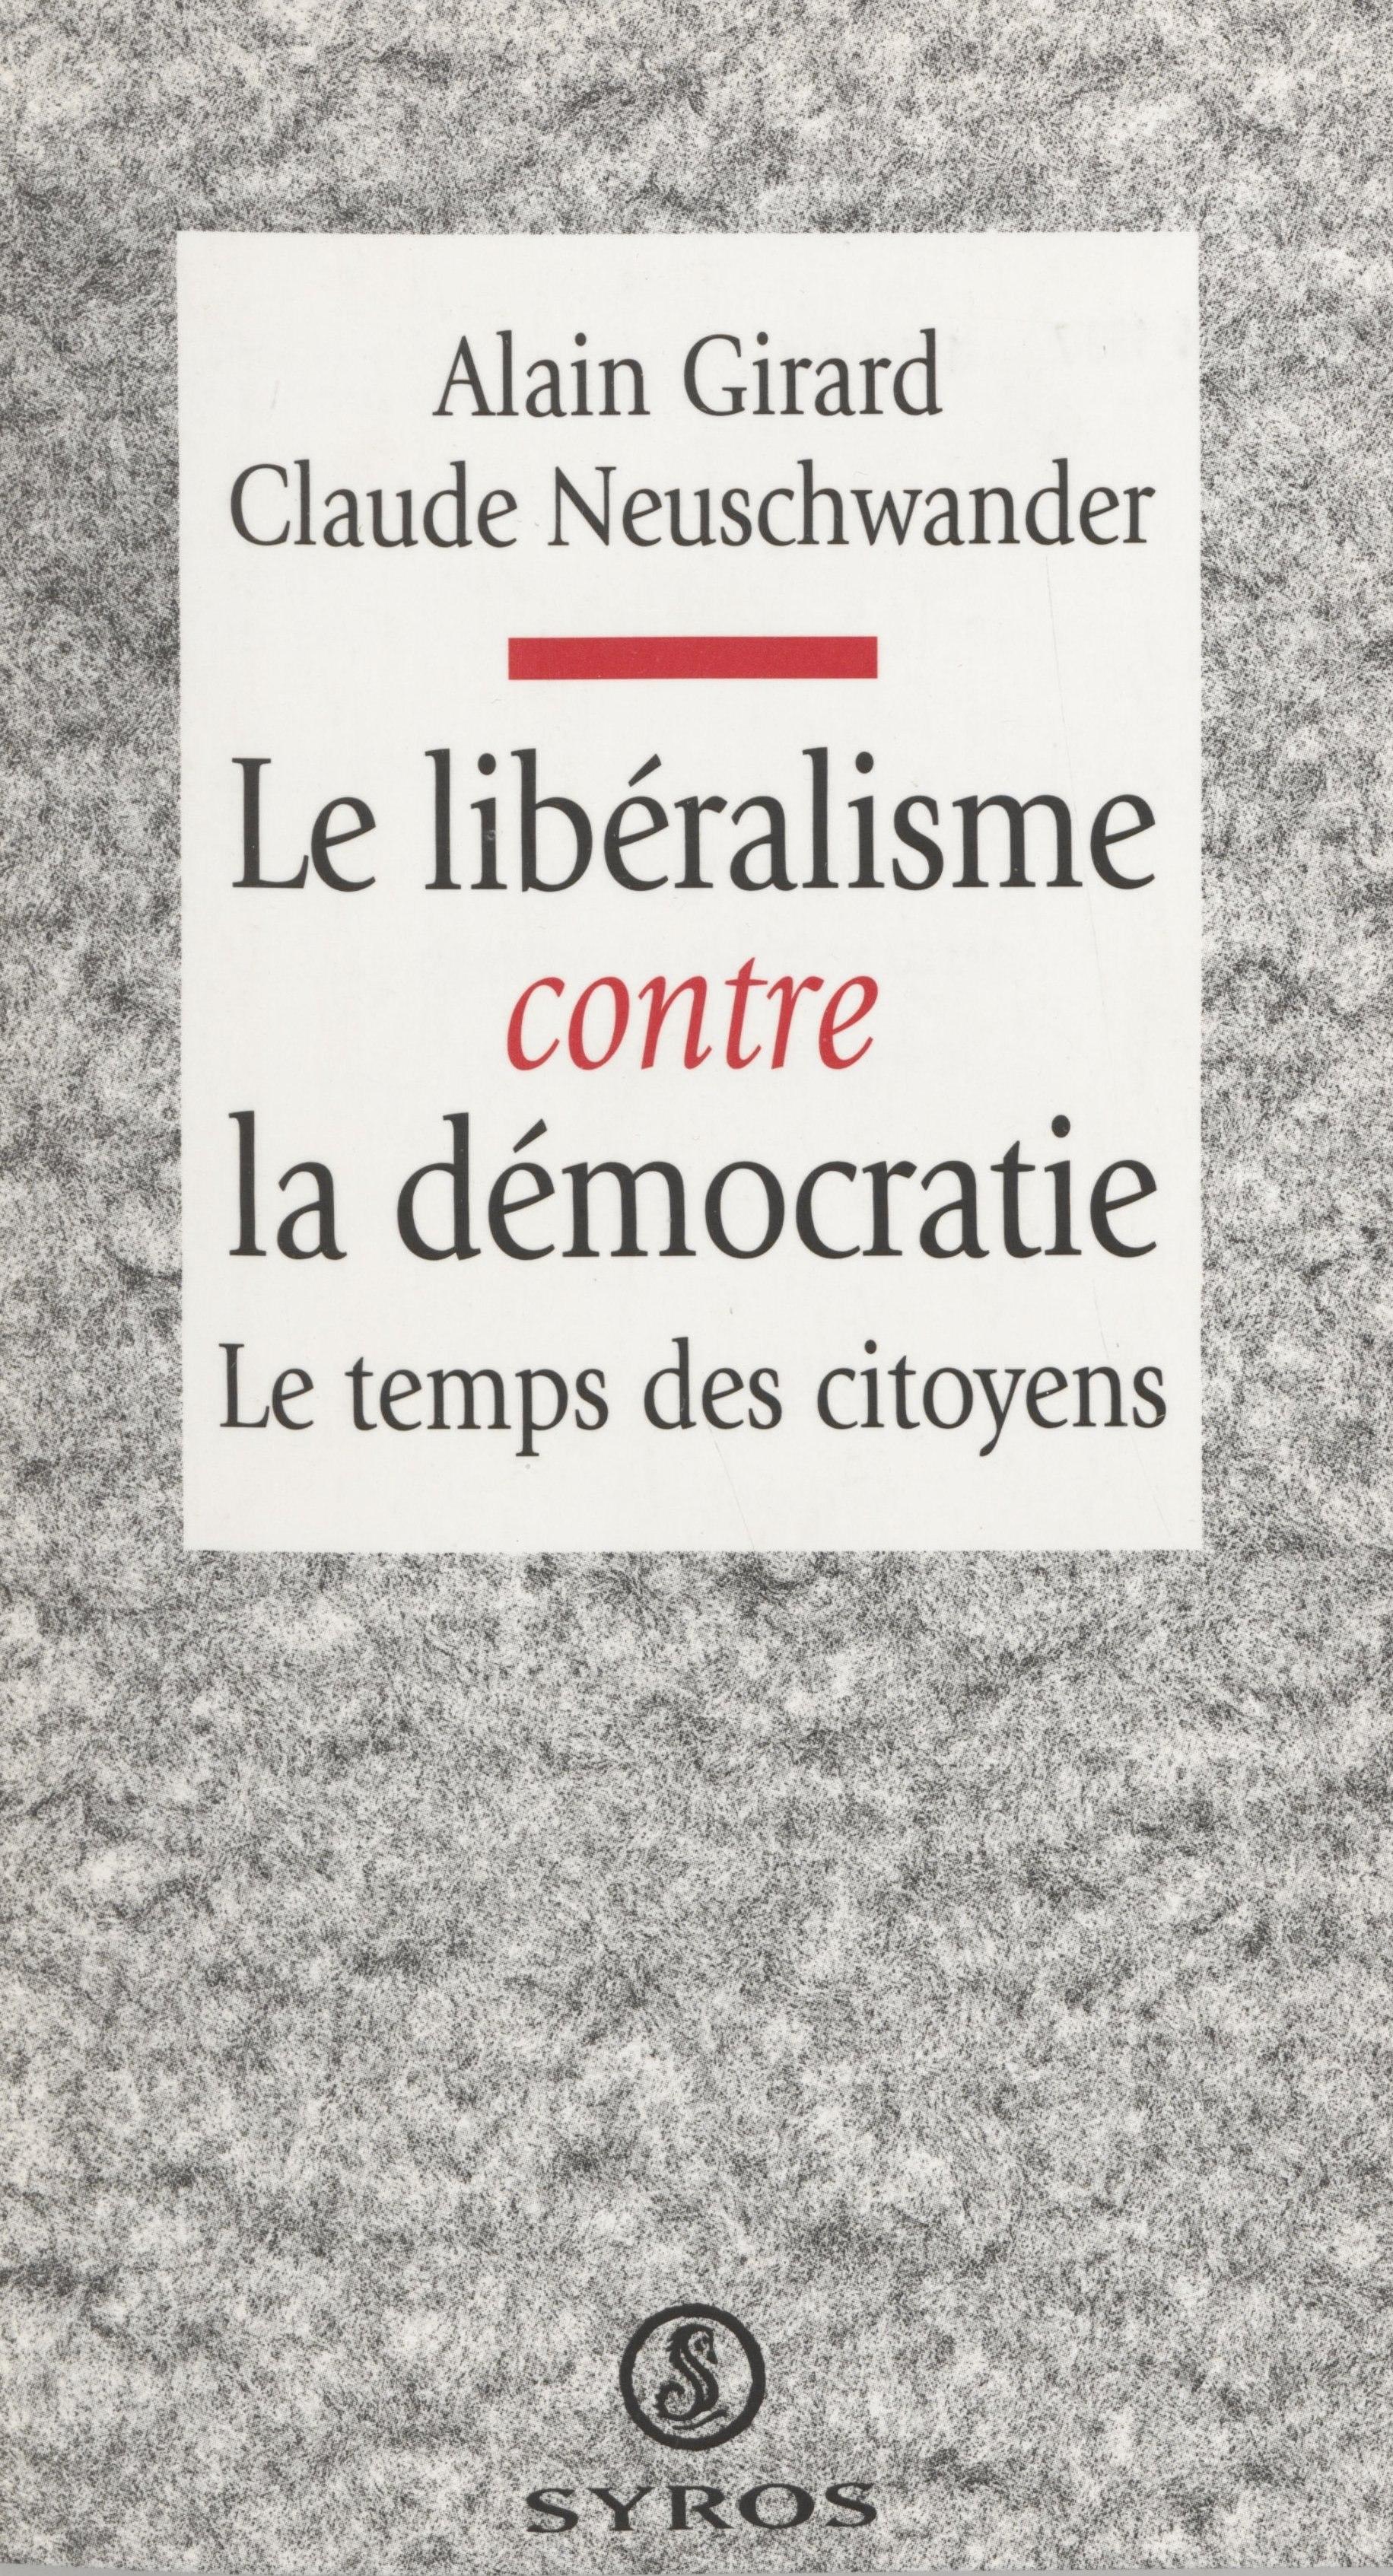 Le libéralisme contre la démocratie, Le temps des citoyens